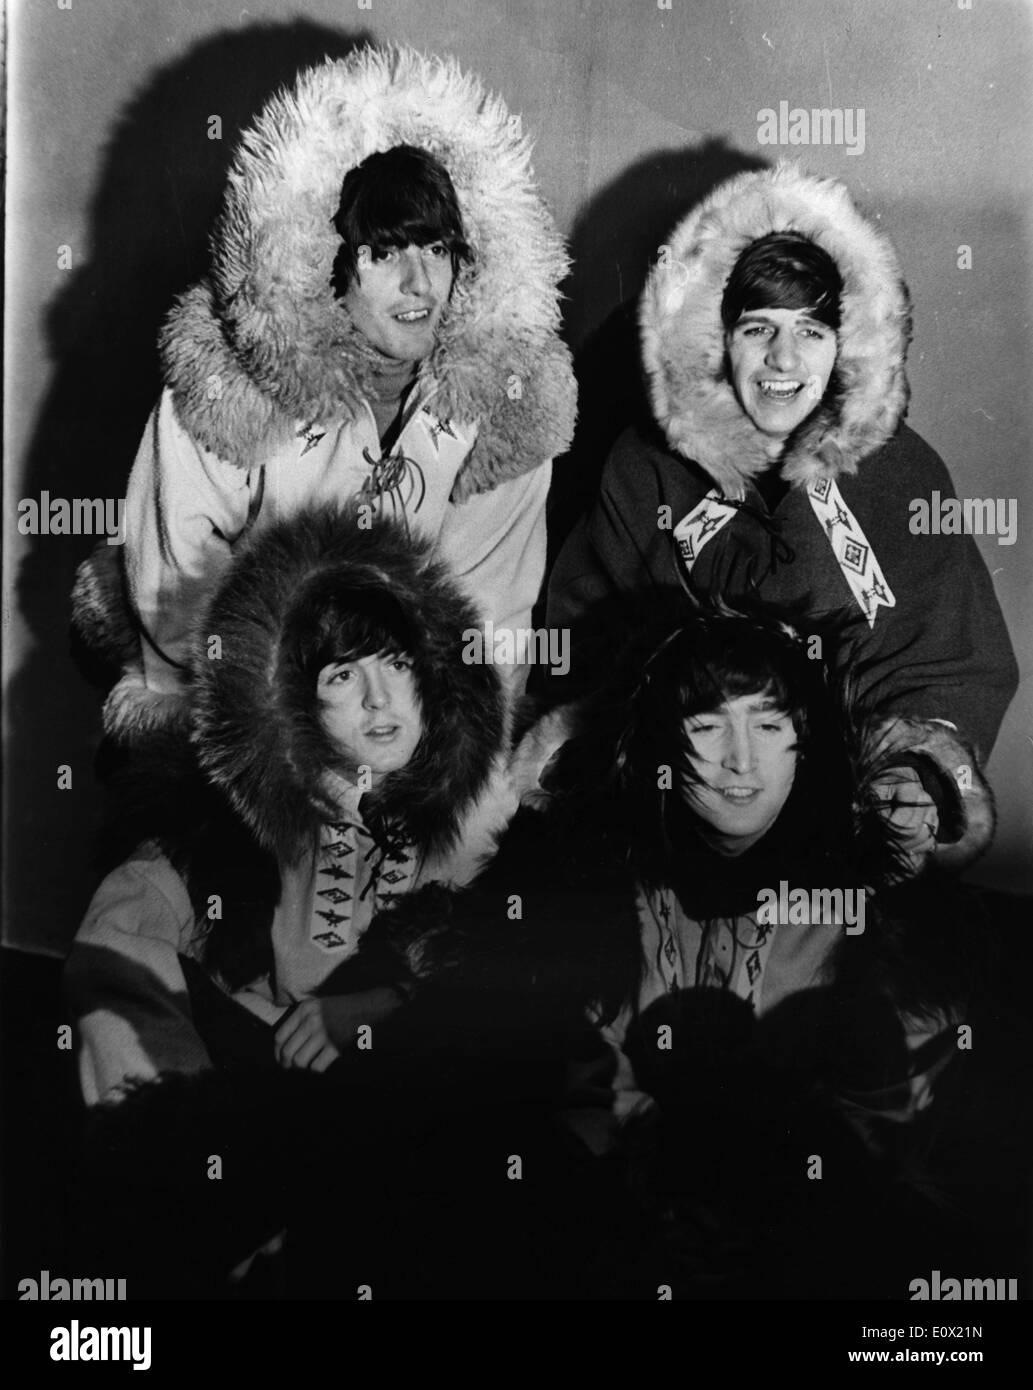 Die Beatles verkleidet als Eskimos Stockbild